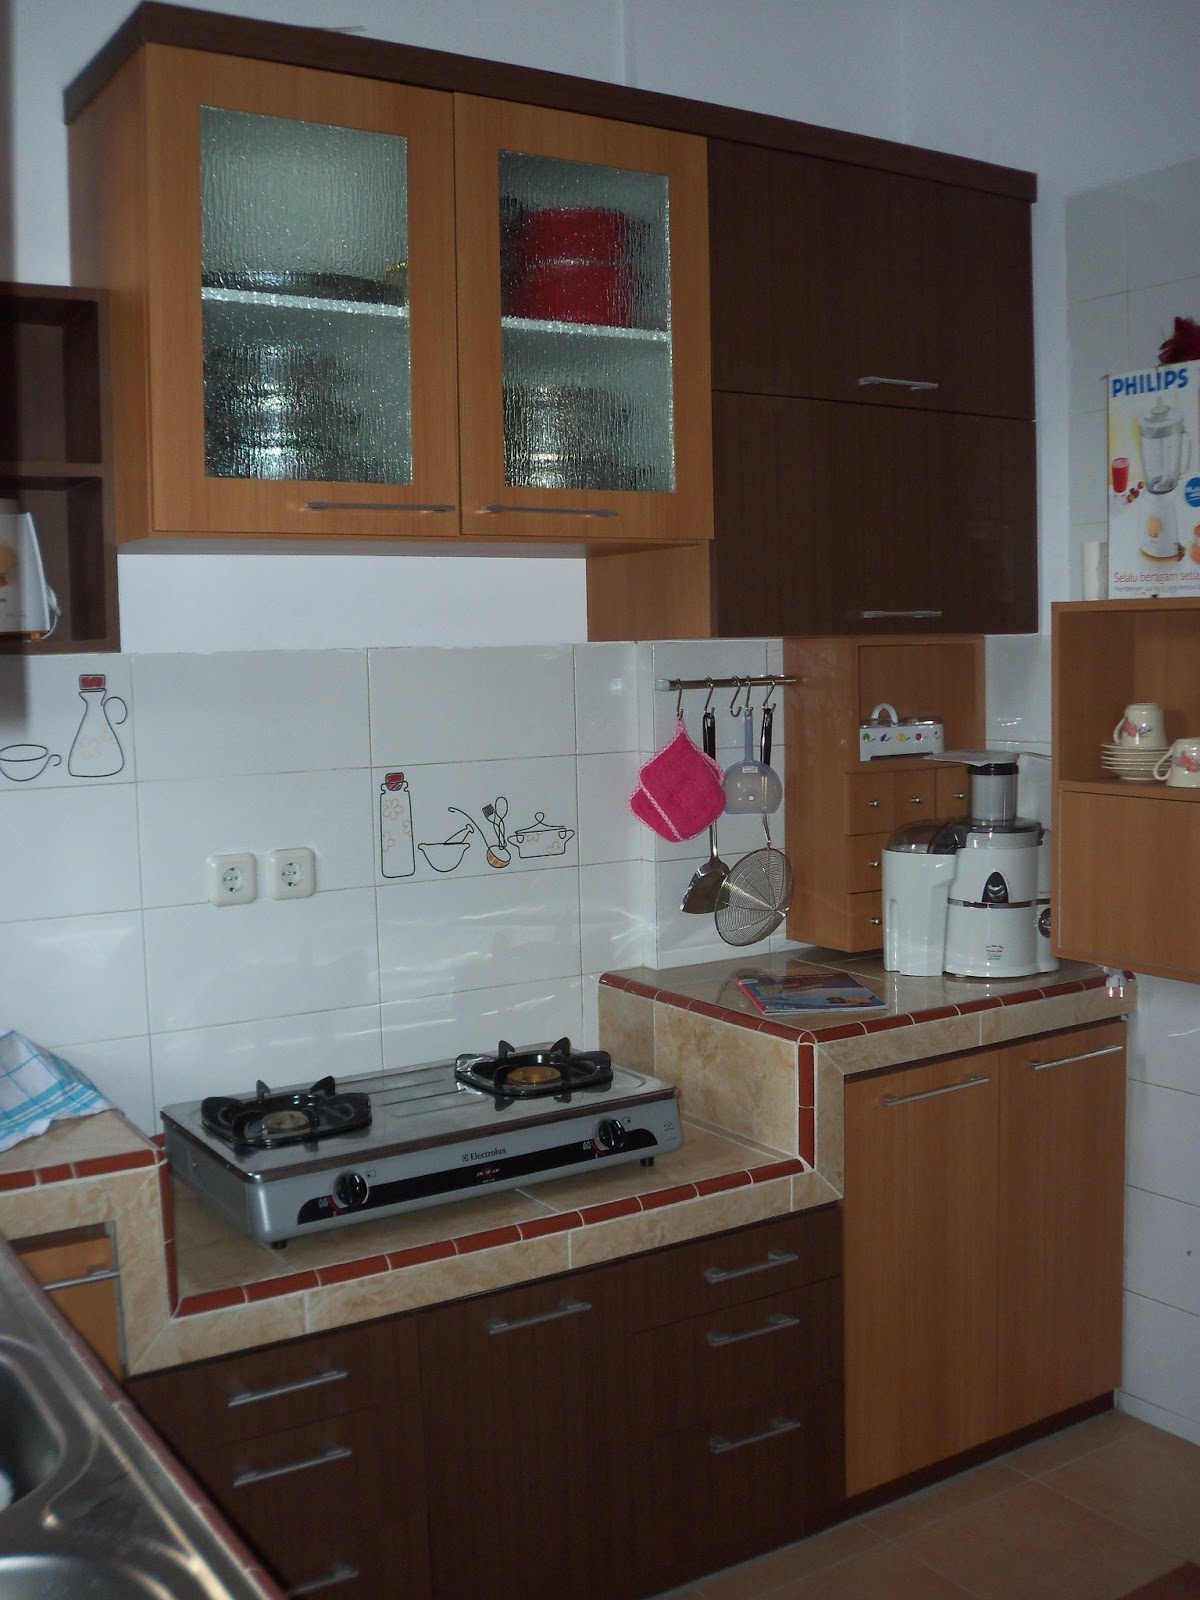 Di Dapur Kitchen Set Jarak Tersebut Juga Telah Diperhitungkan Dengan Kondisi Orang Yang Sedang Membungkuk Atau Berjongkok Membuka Kabinet Bawah